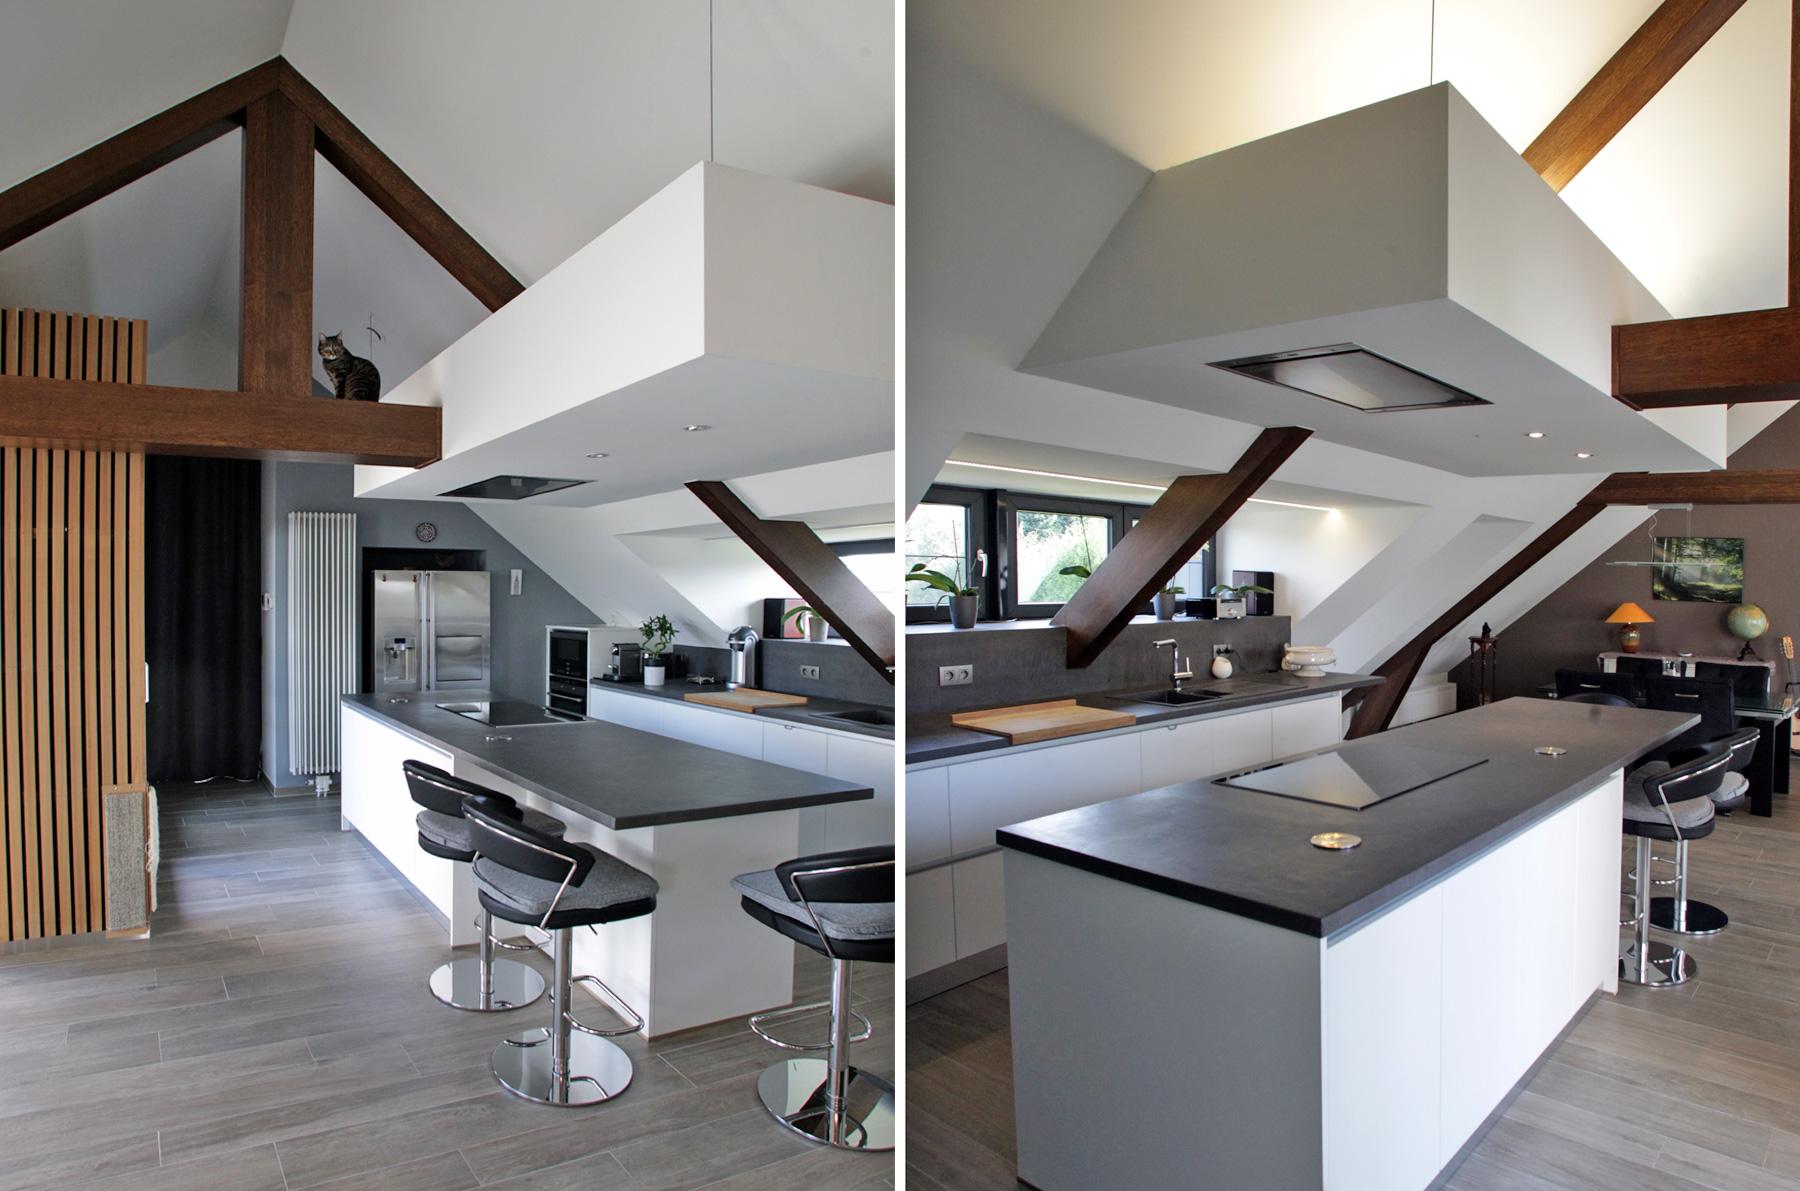 hardy 2v cuisine. Black Bedroom Furniture Sets. Home Design Ideas